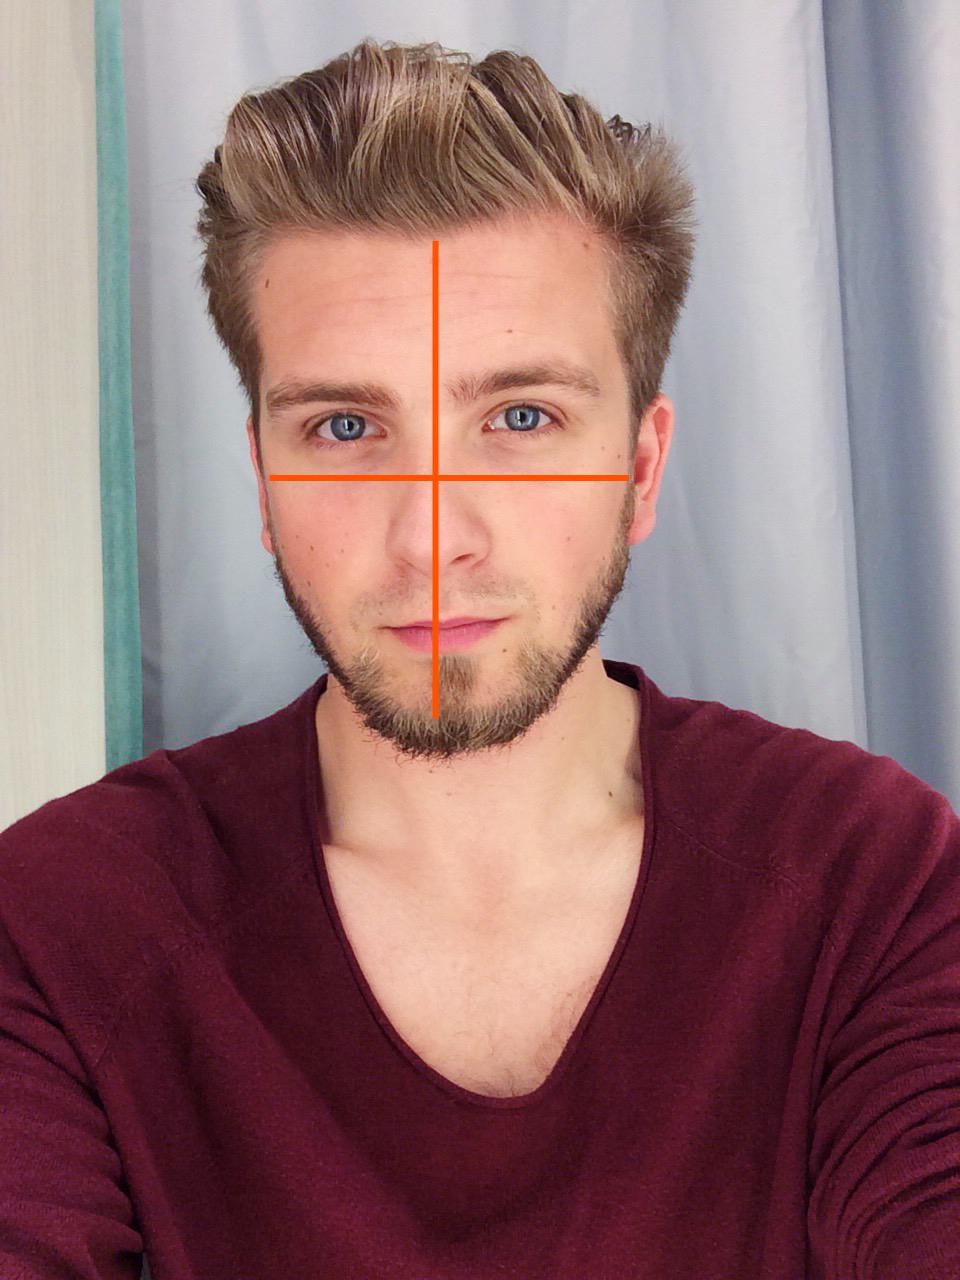 jak sprawdzic kształt twarzy